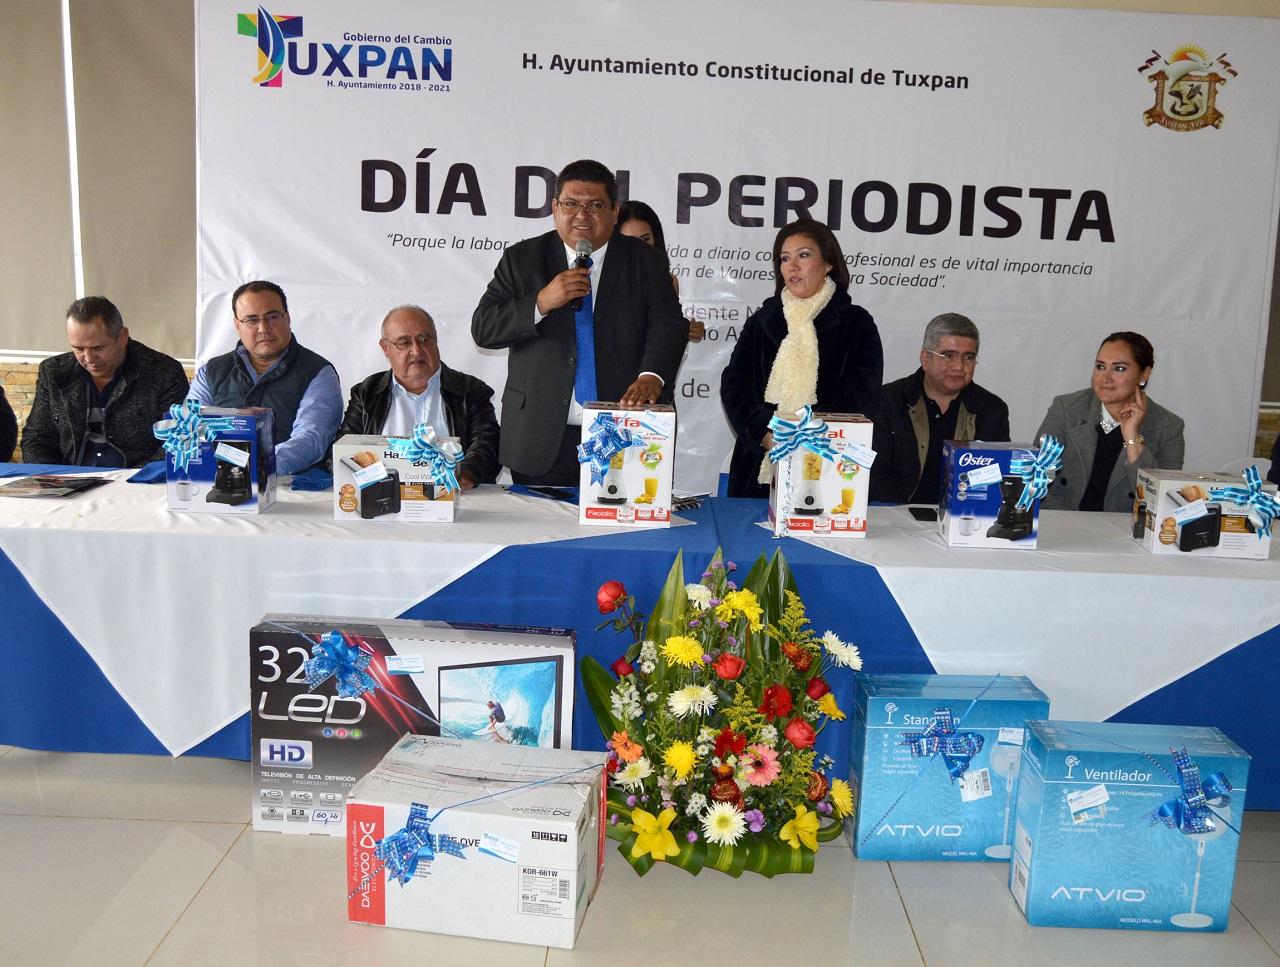 Alcalde reconoce labor periodística: Tuxpan